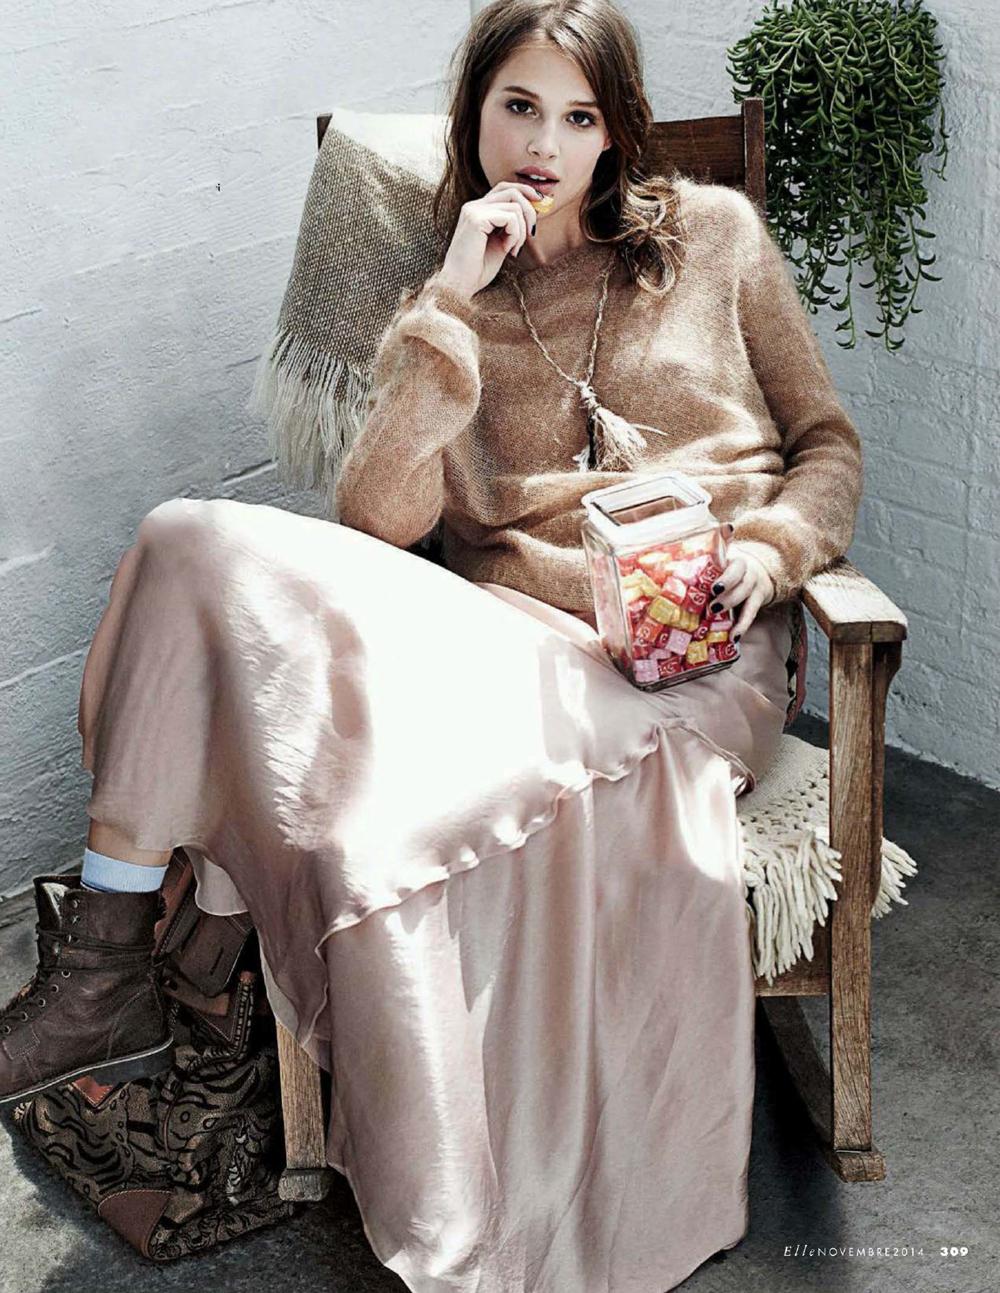 Anais Pouliot in Lanvin by Alber Elbaz in Elle Italia November 2014 (photography: Dan Martensen, styling: Eva Geraldine Fontanelli) via www.fashionedbylove.co.uk